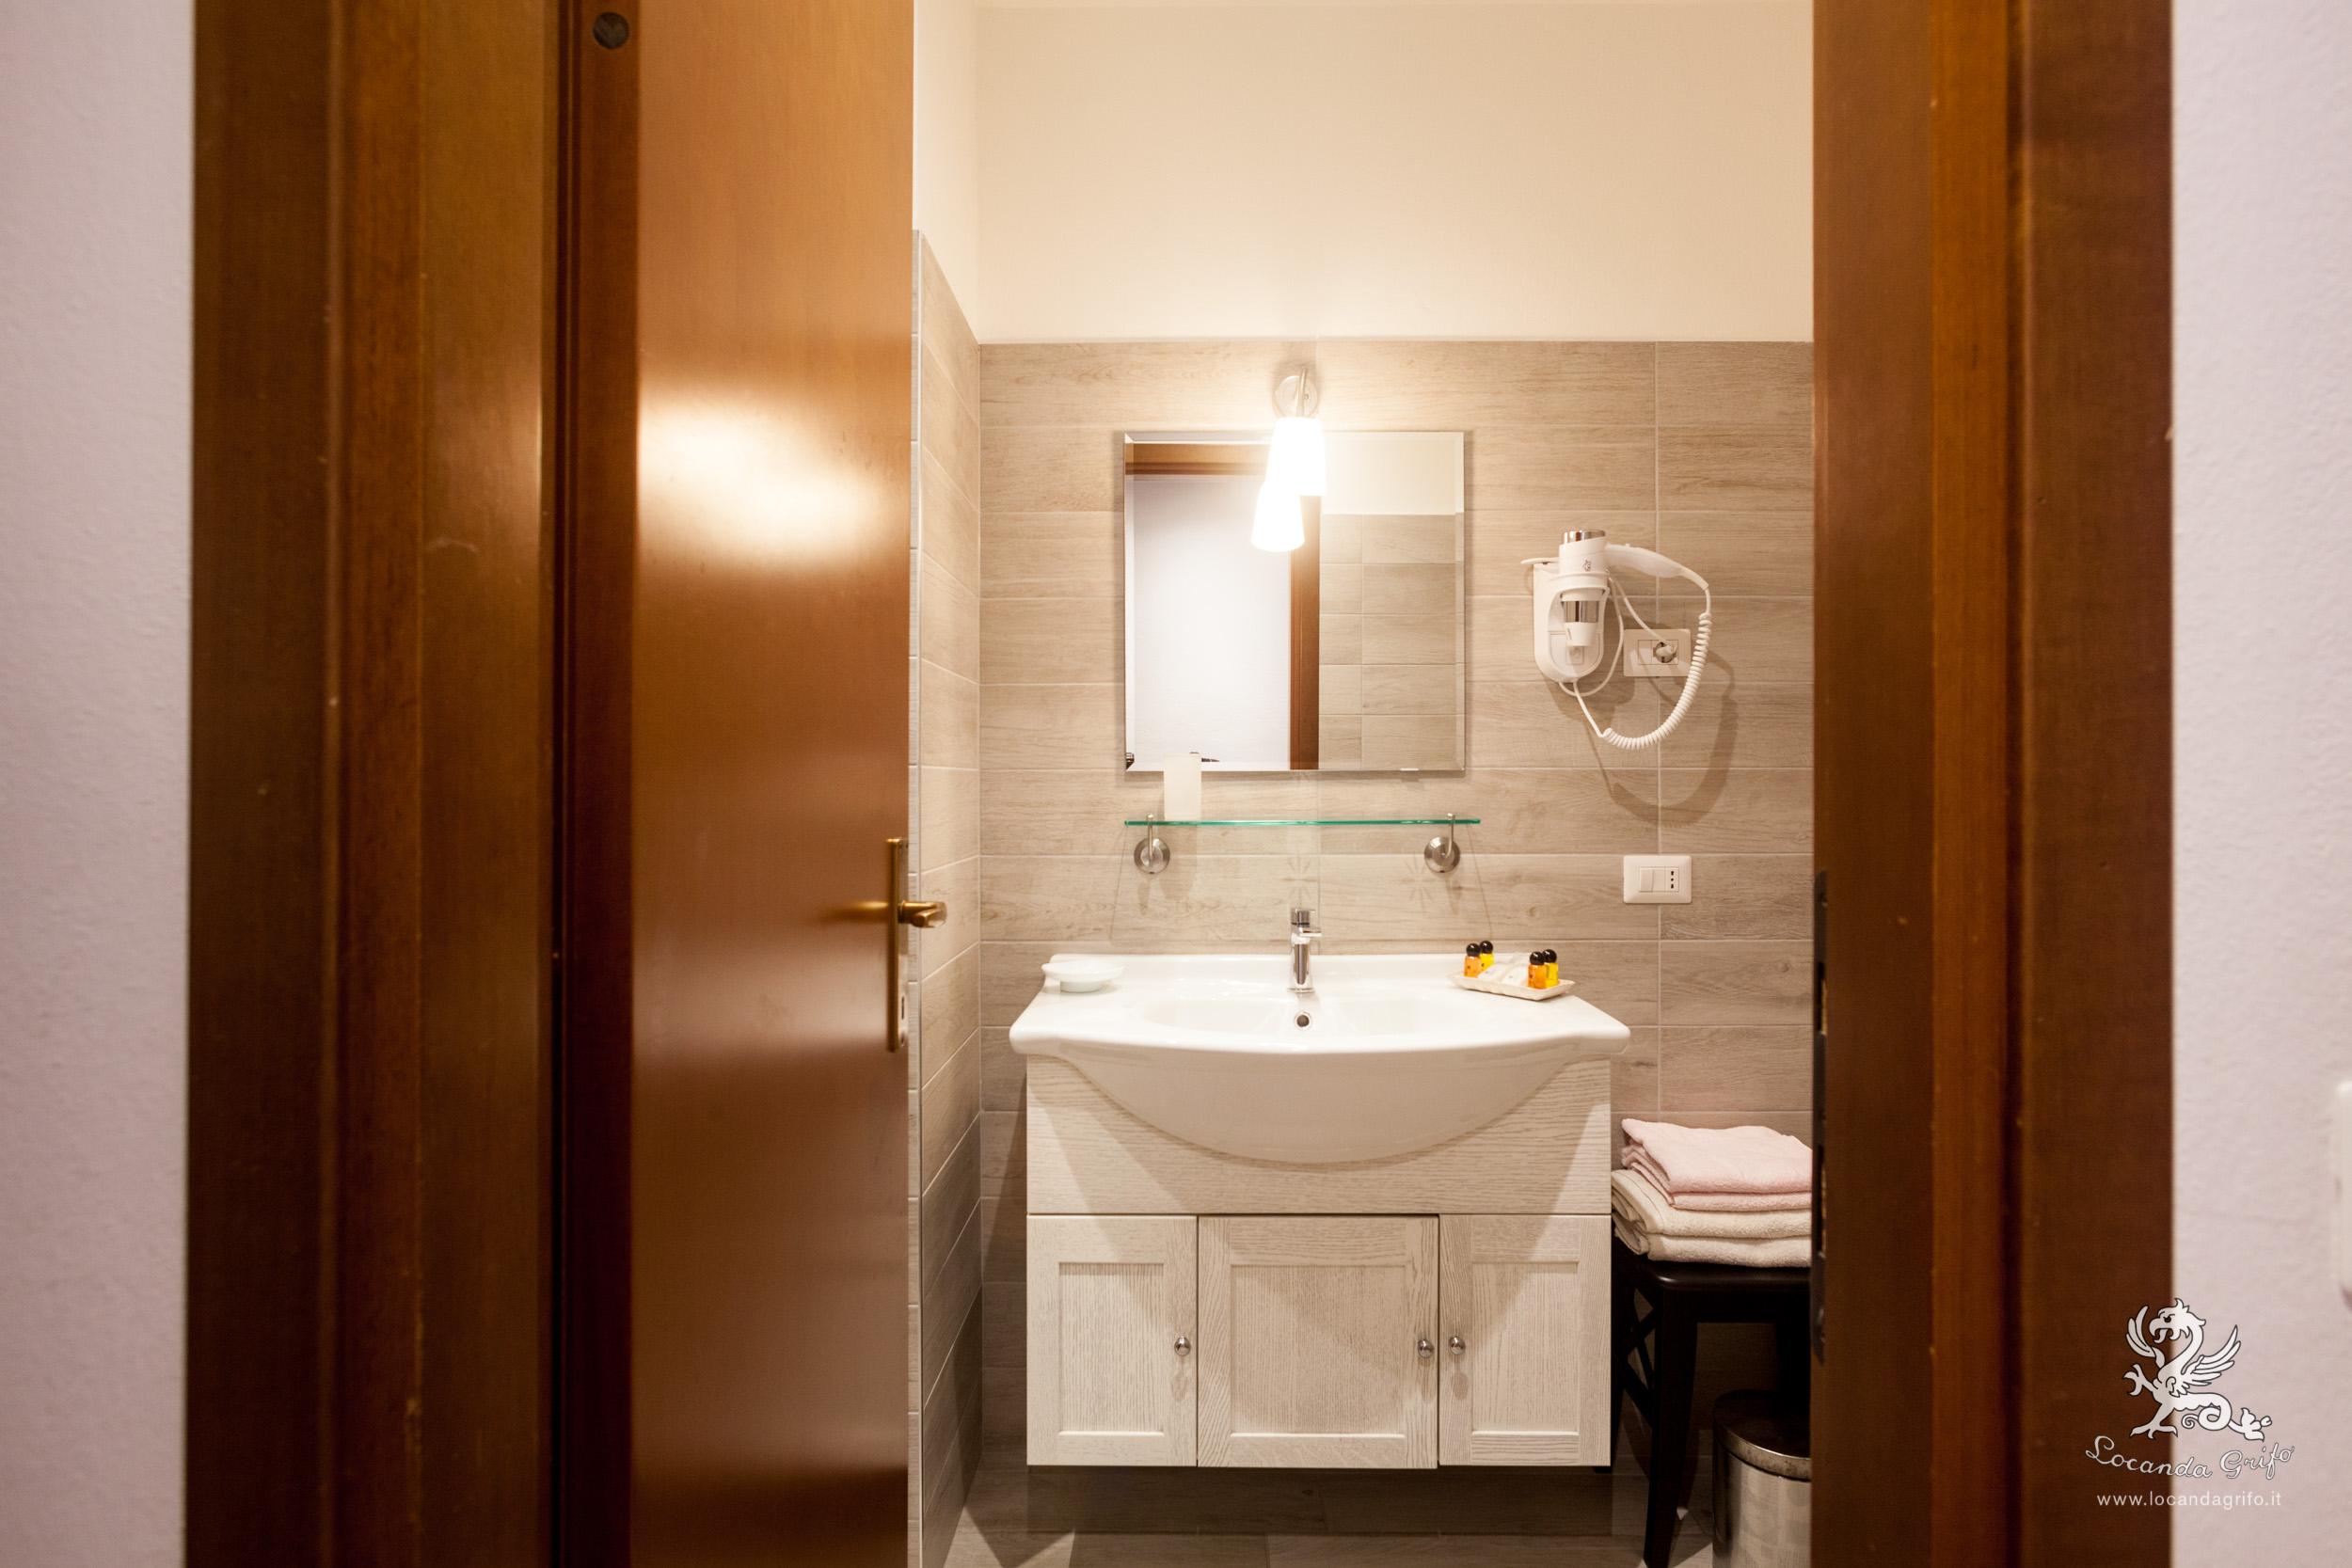 Bathroom Quadruple room - Locanda Grifo, albergo a Lenno sul Lago di Como